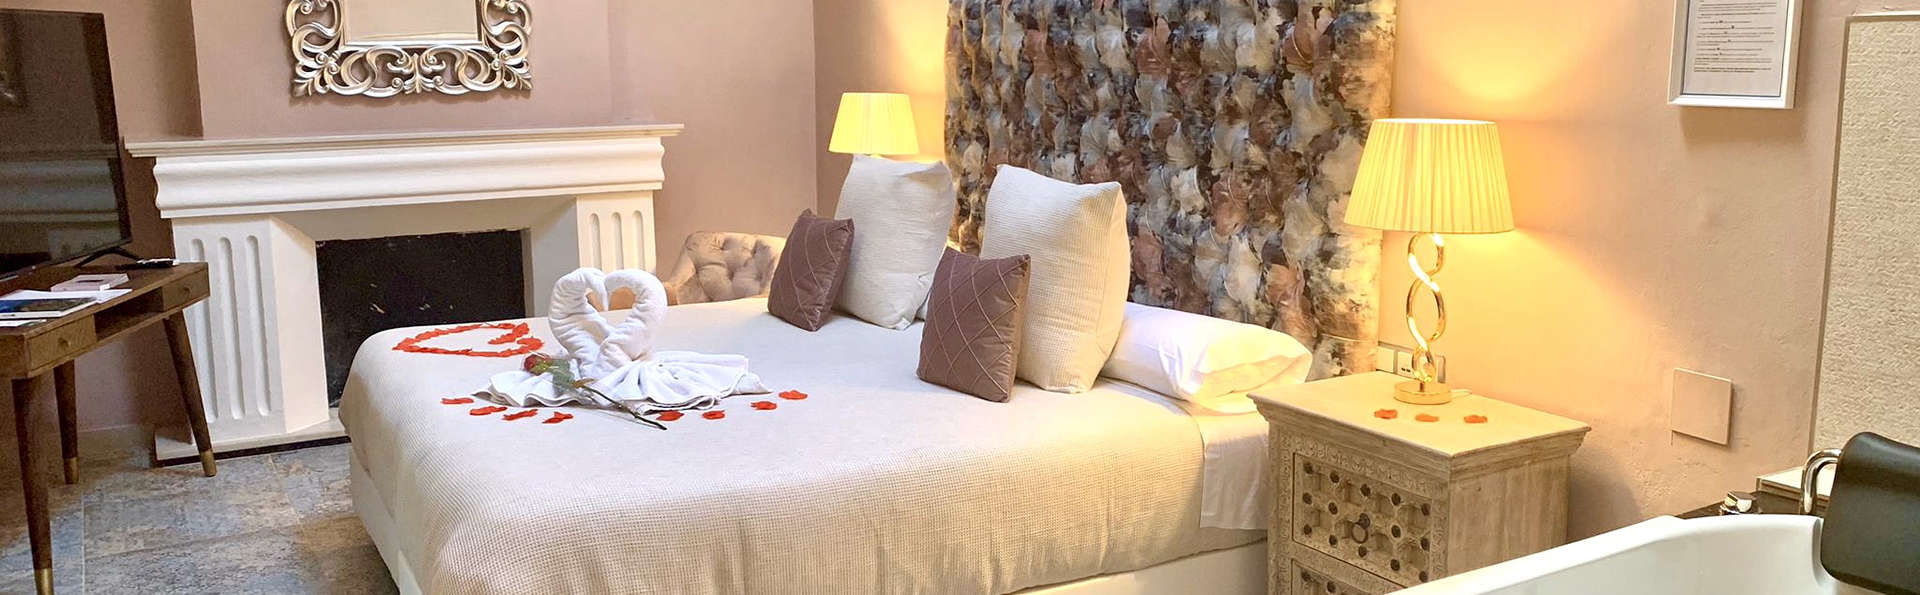 Hotel Spa Adealba Mérida - EDIT_ROOM_1.jpg